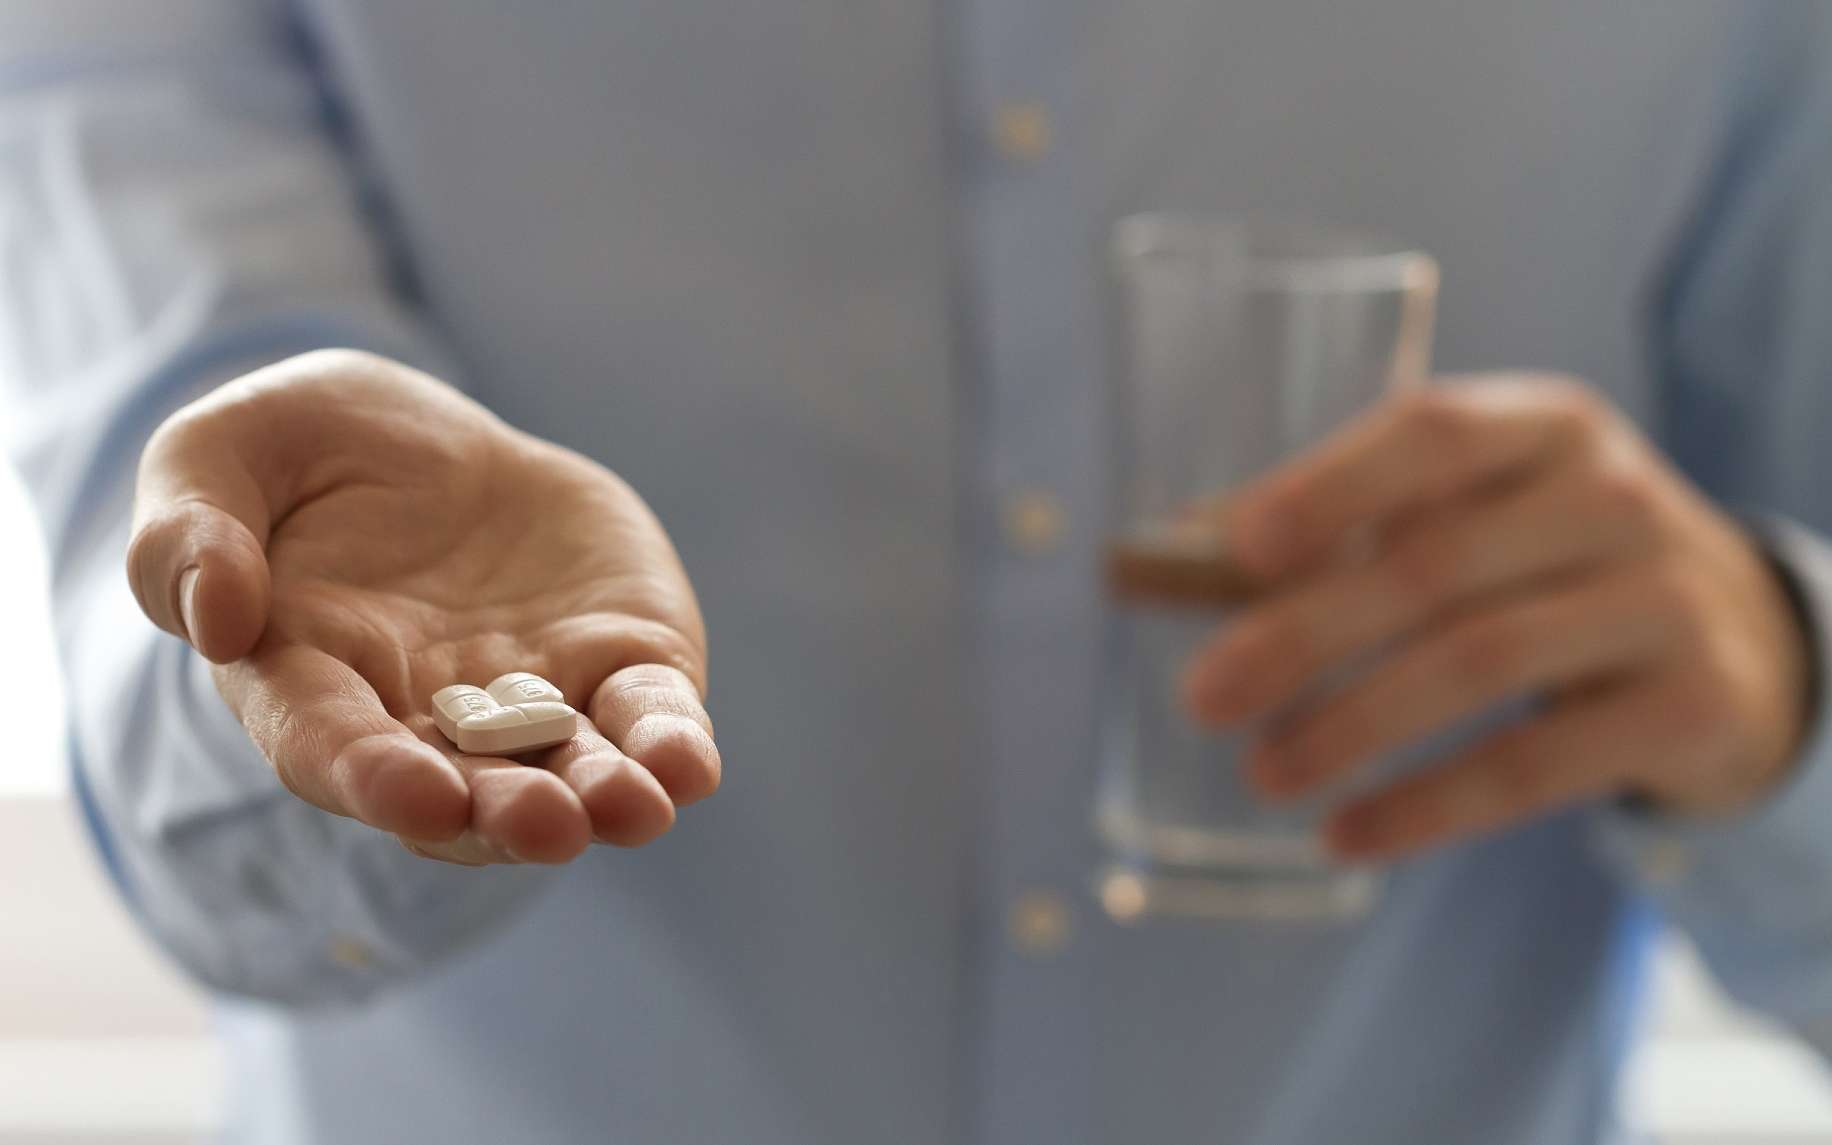 En France, 18 % des 18-75 ans ont déclaré avoir consommé au moins un médicament psychotrope au cours de l'année selon une enquête du Baromètre santé 2010. © Studio ART, Shutterstock